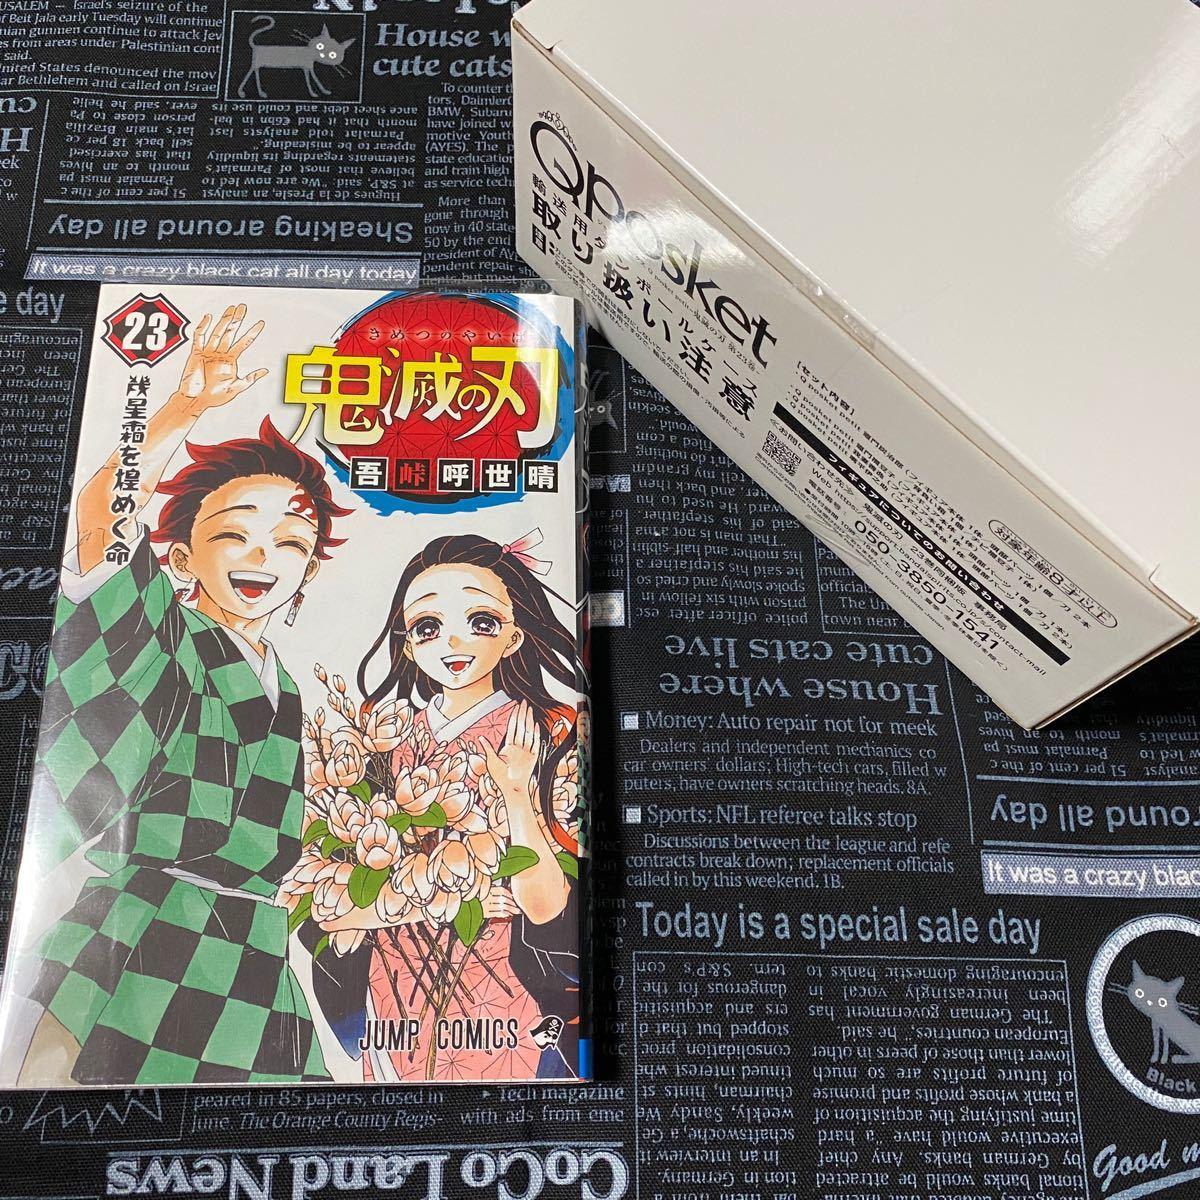 鬼滅の刃 23巻 吾峠呼世晴 フィギュア付き 同梱版 初版